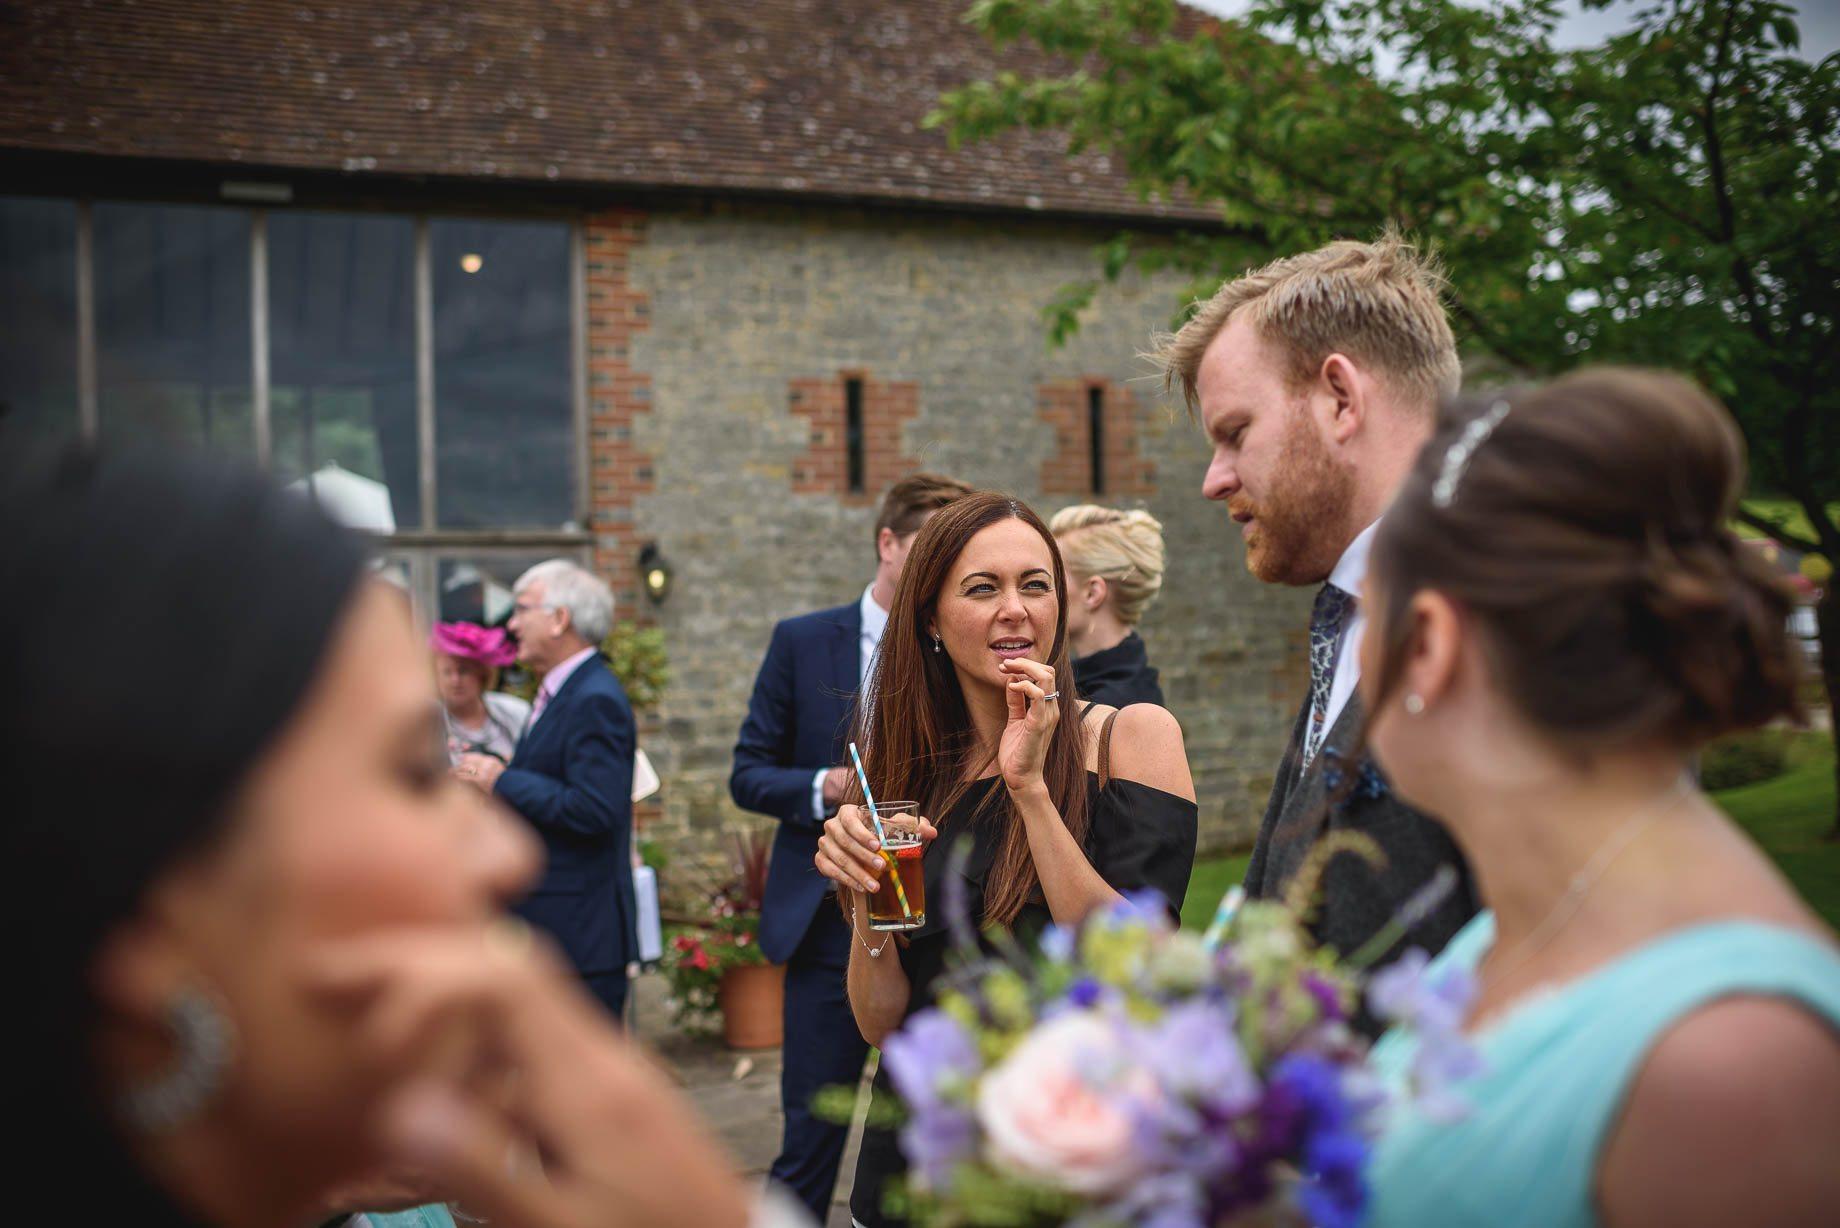 Bartholomew Barns wedding photography - Louise and Spencer (67 of 151)